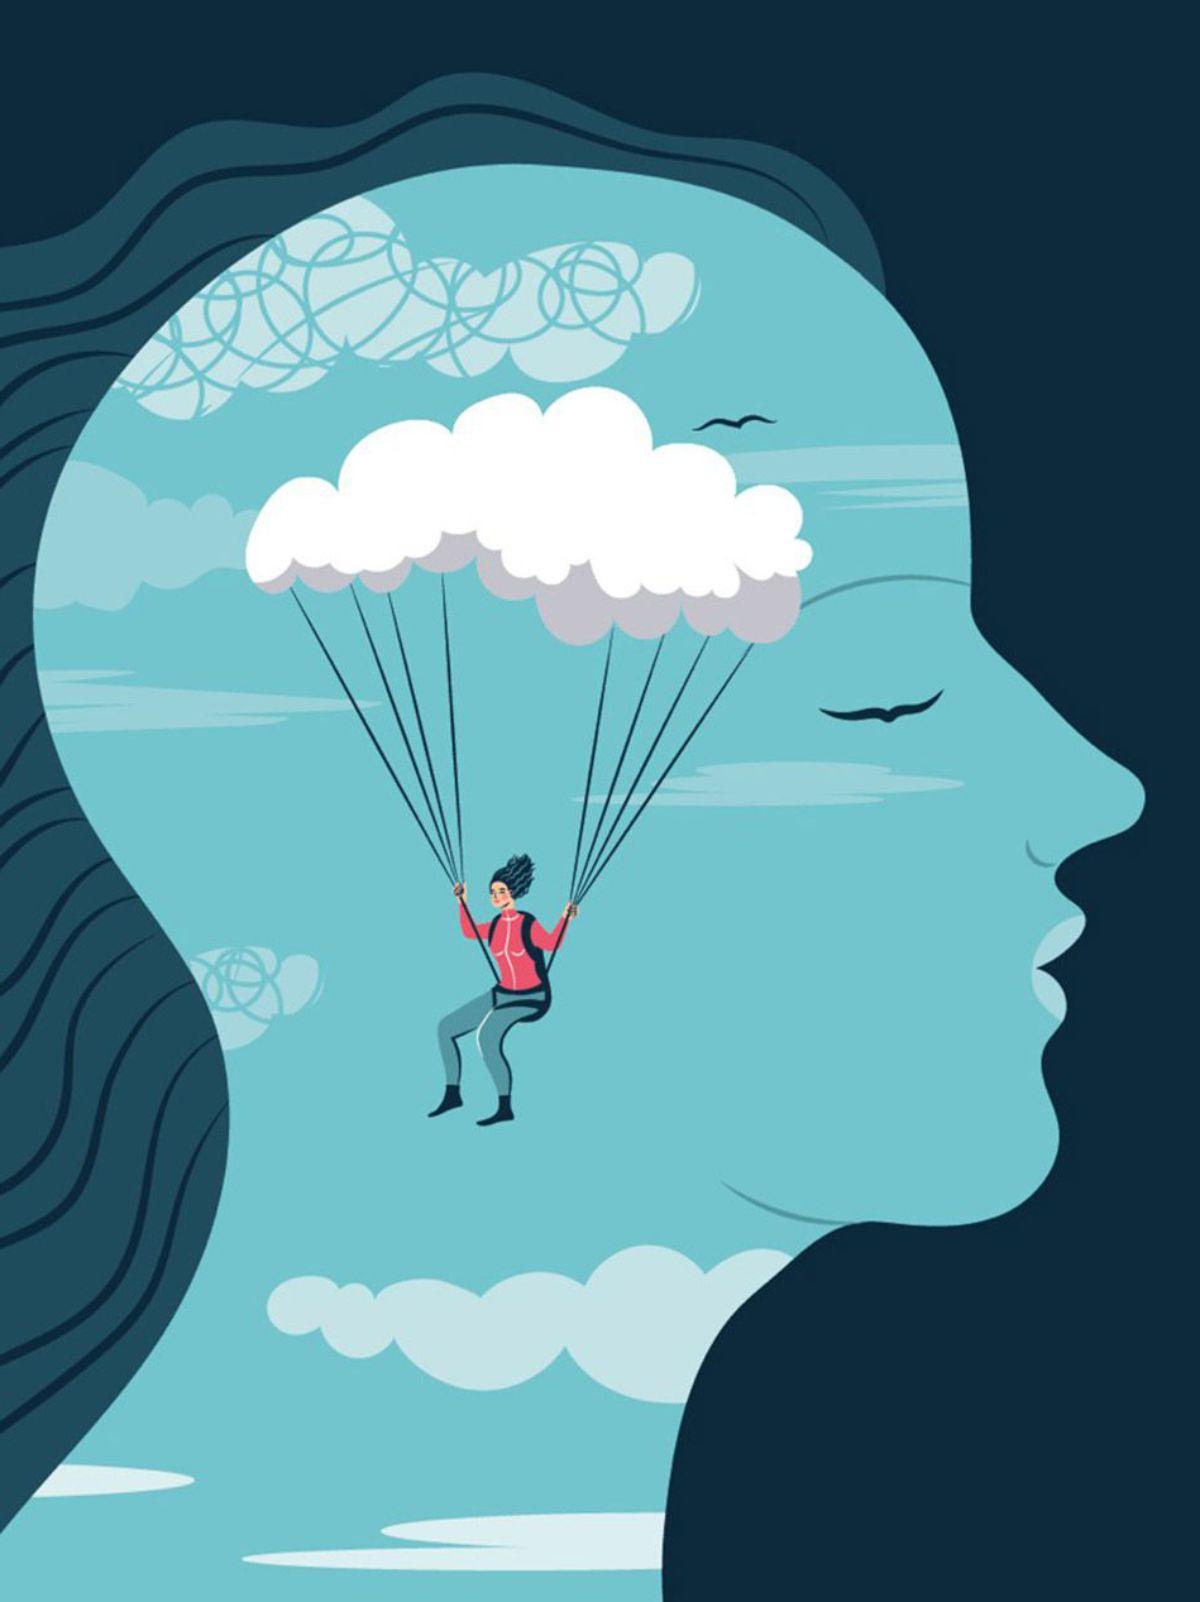 desenvolvendo-a-intuicao-meditacao-quietude-criatividade-confianca-sabedoria-espiritualidade-nosso-blog-imagem.jpg